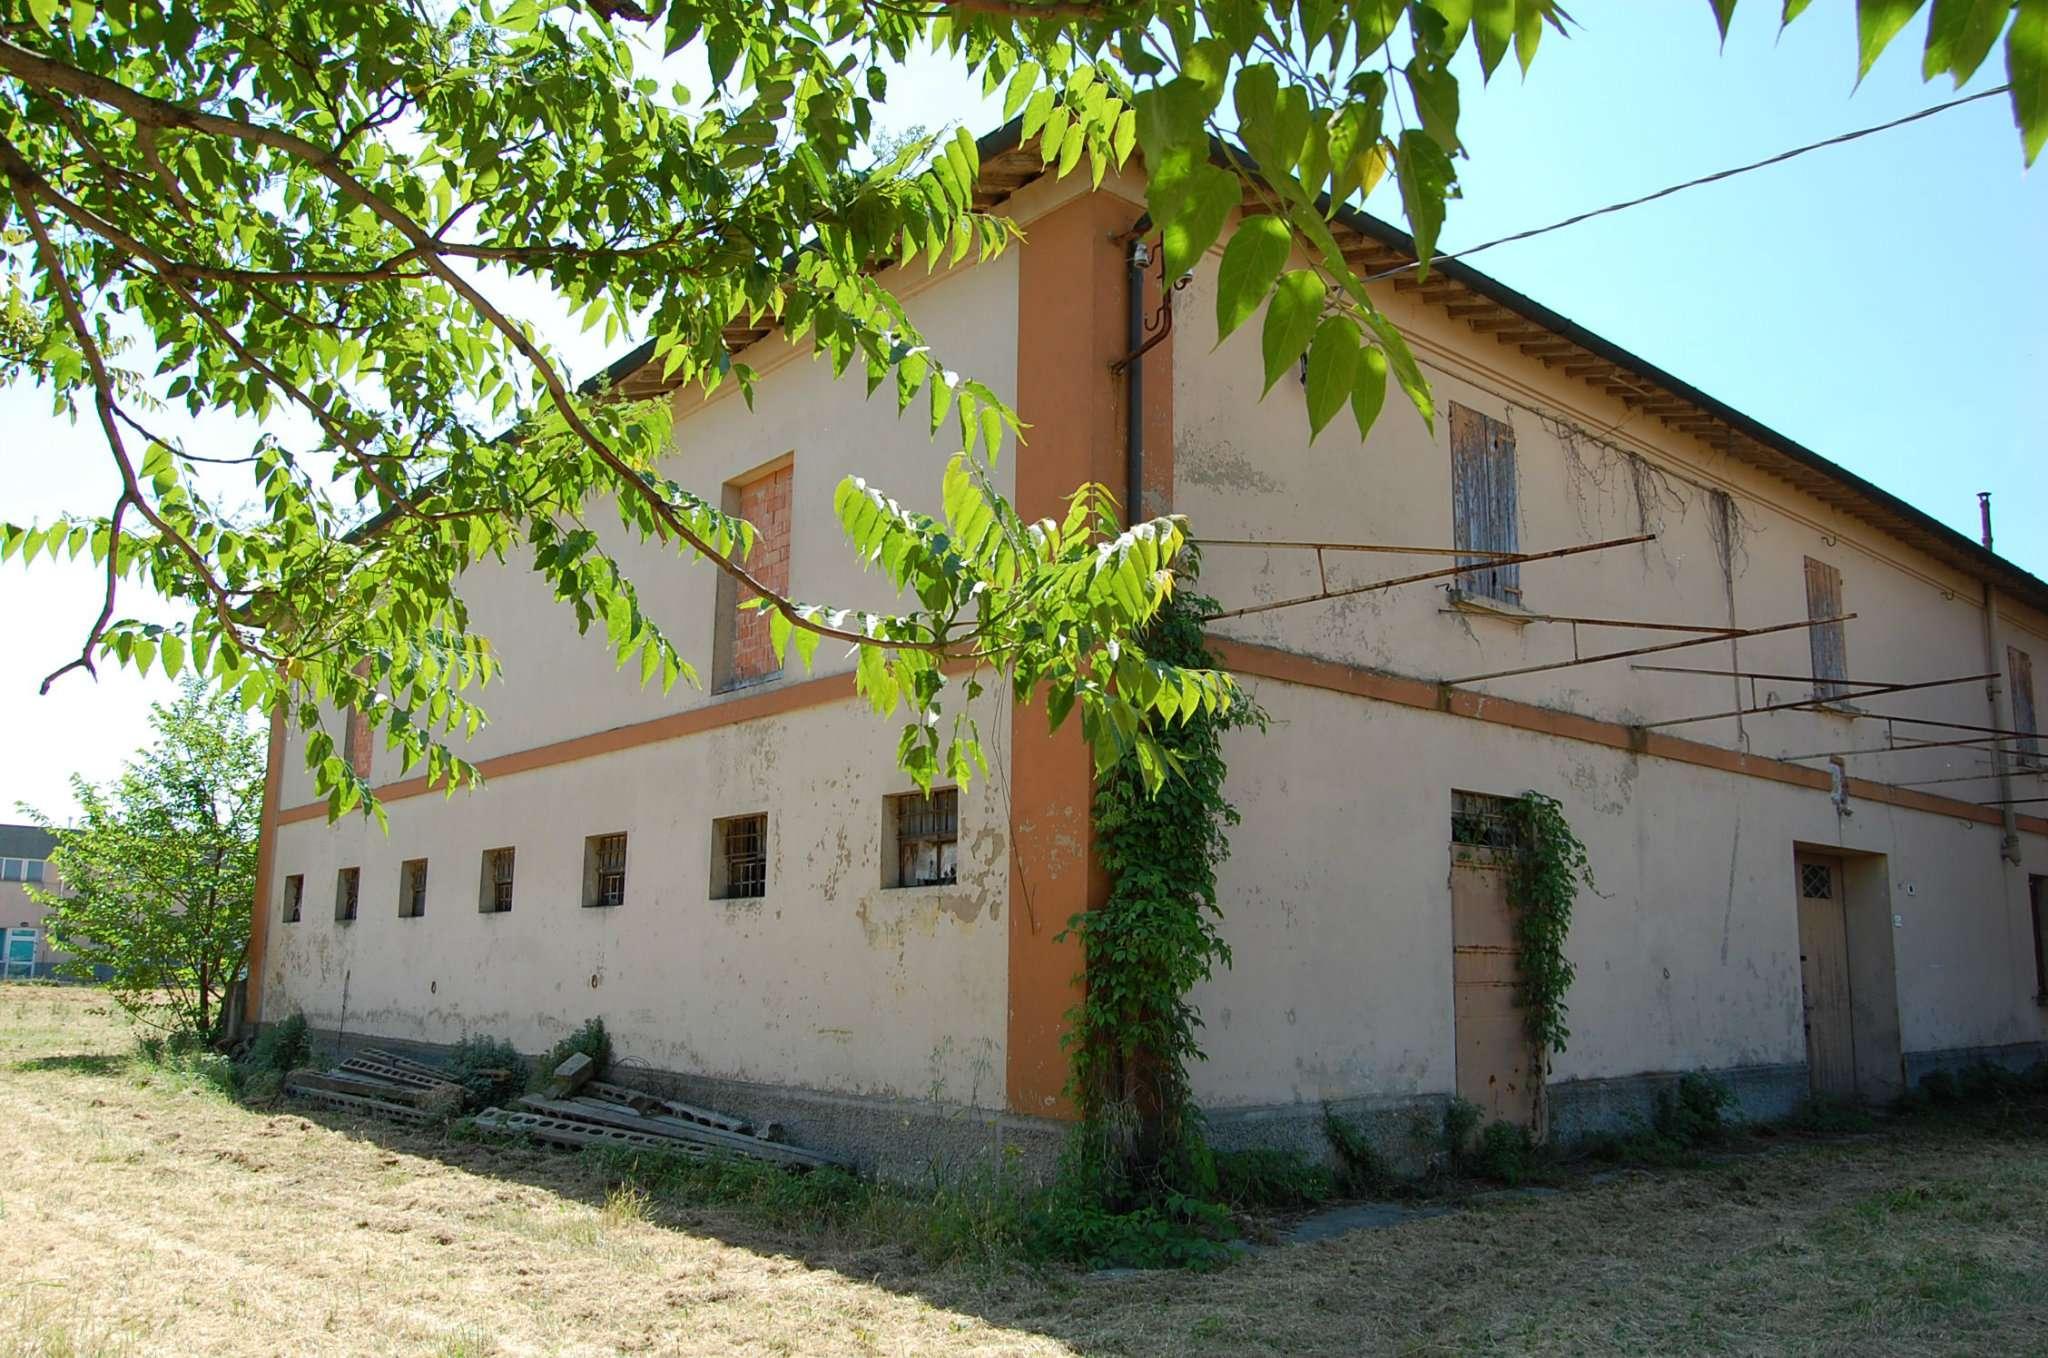 Rustico / Casale in vendita a Imola, 12 locali, prezzo € 685.000 | Cambio Casa.it